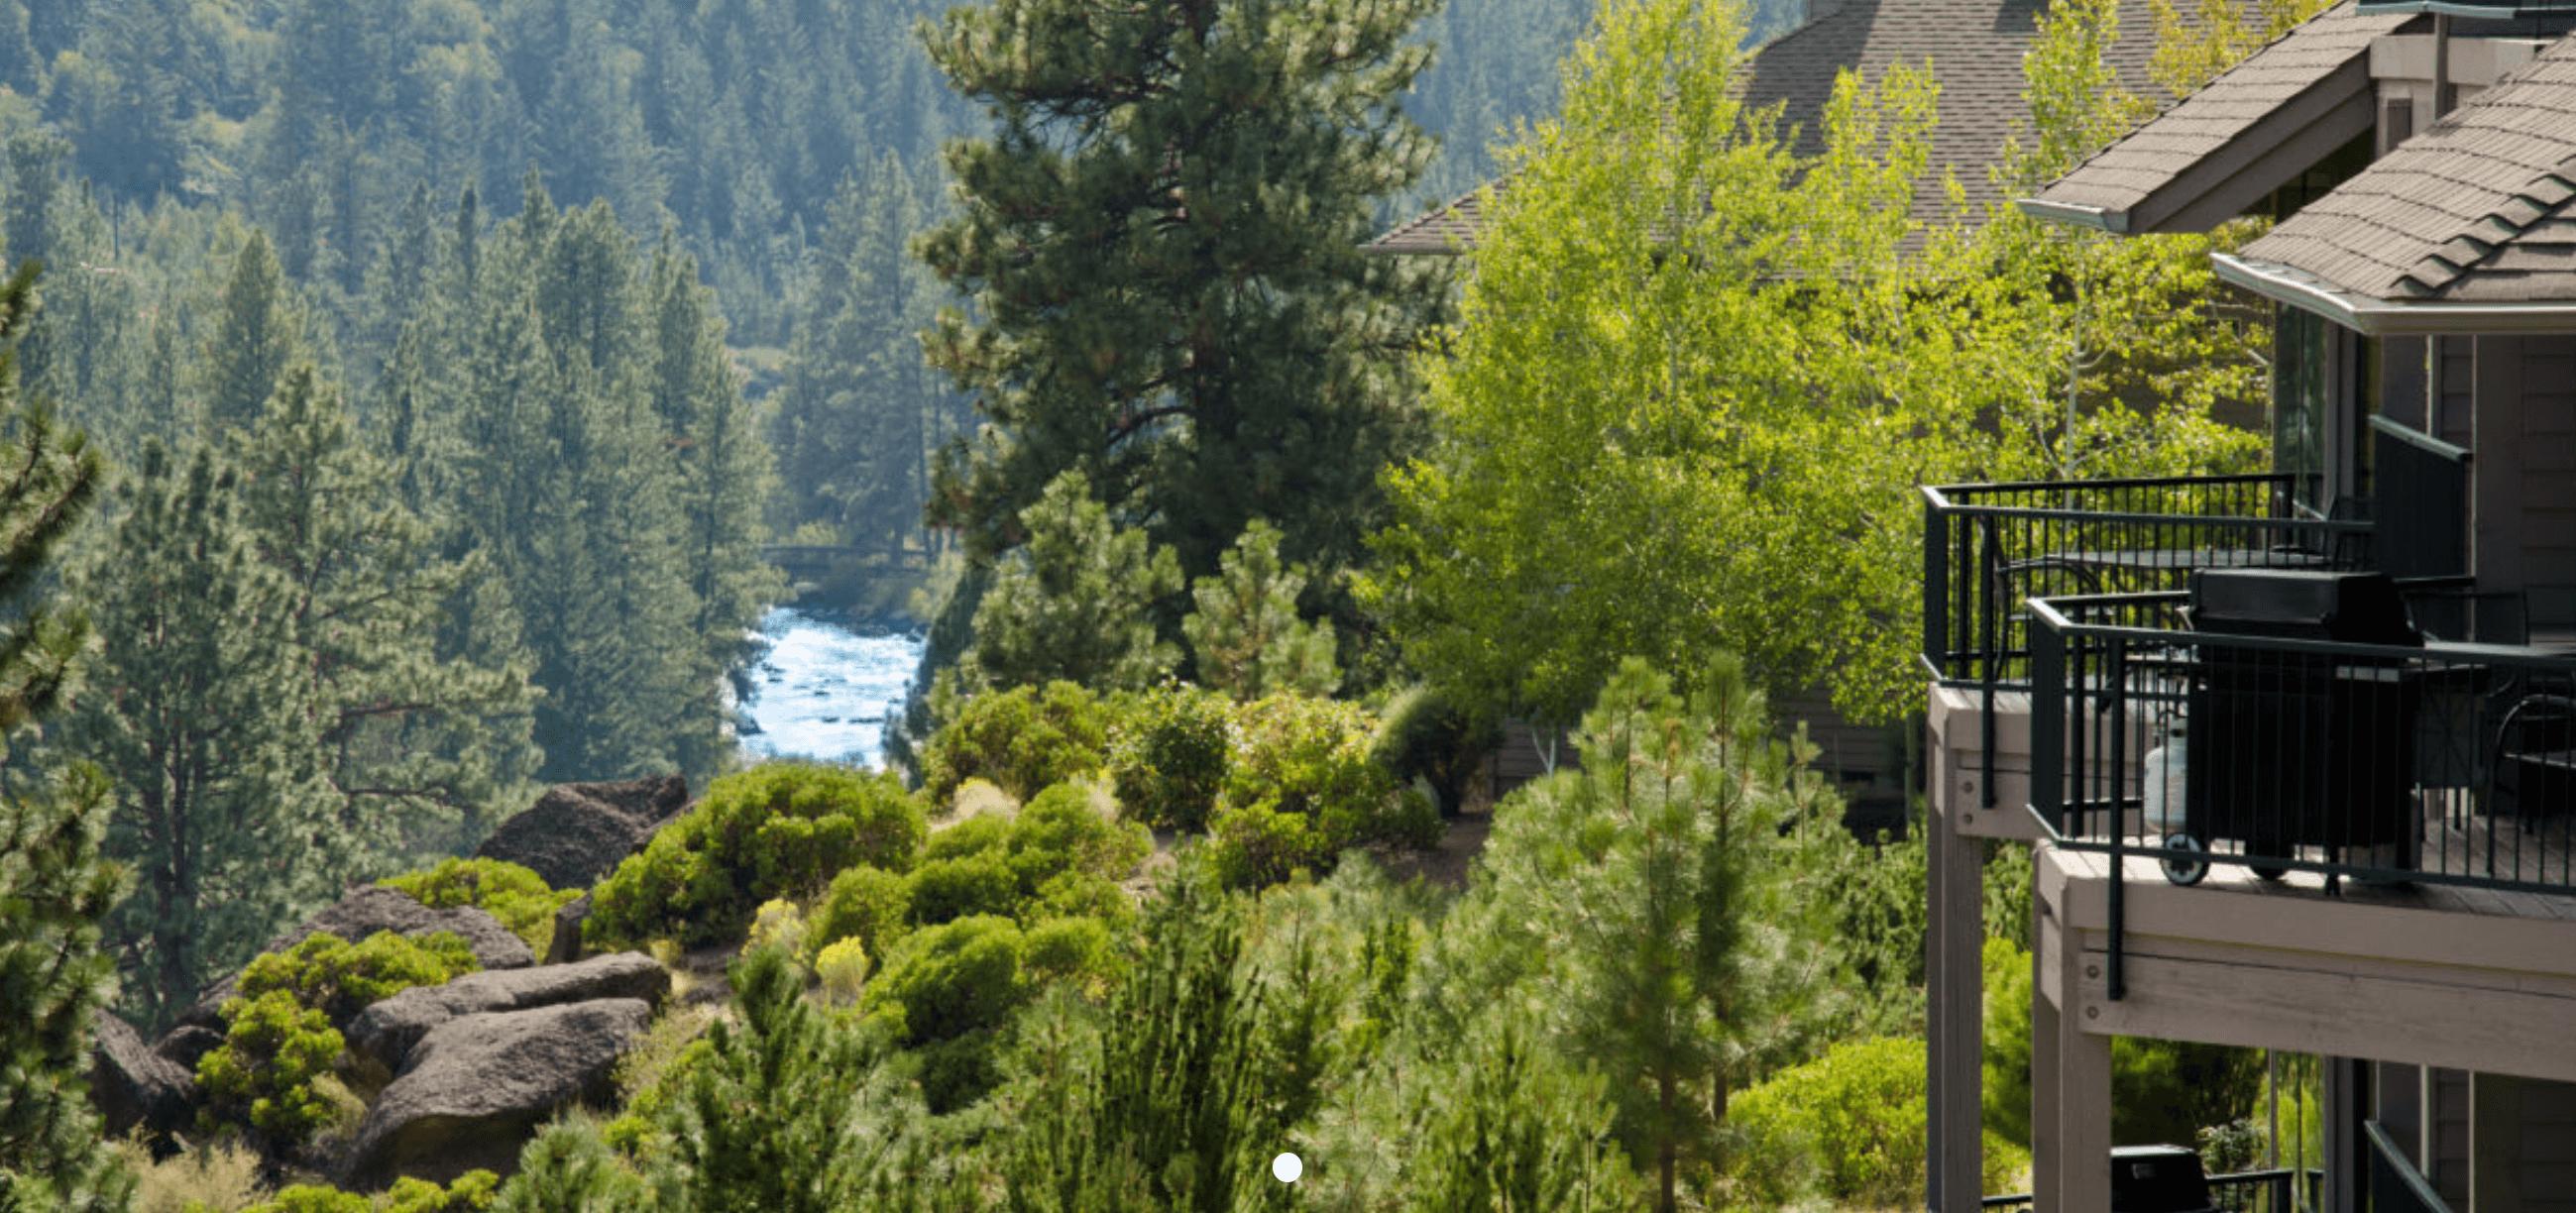 Mt. Bachelor Village Resort – Bend, Oregon